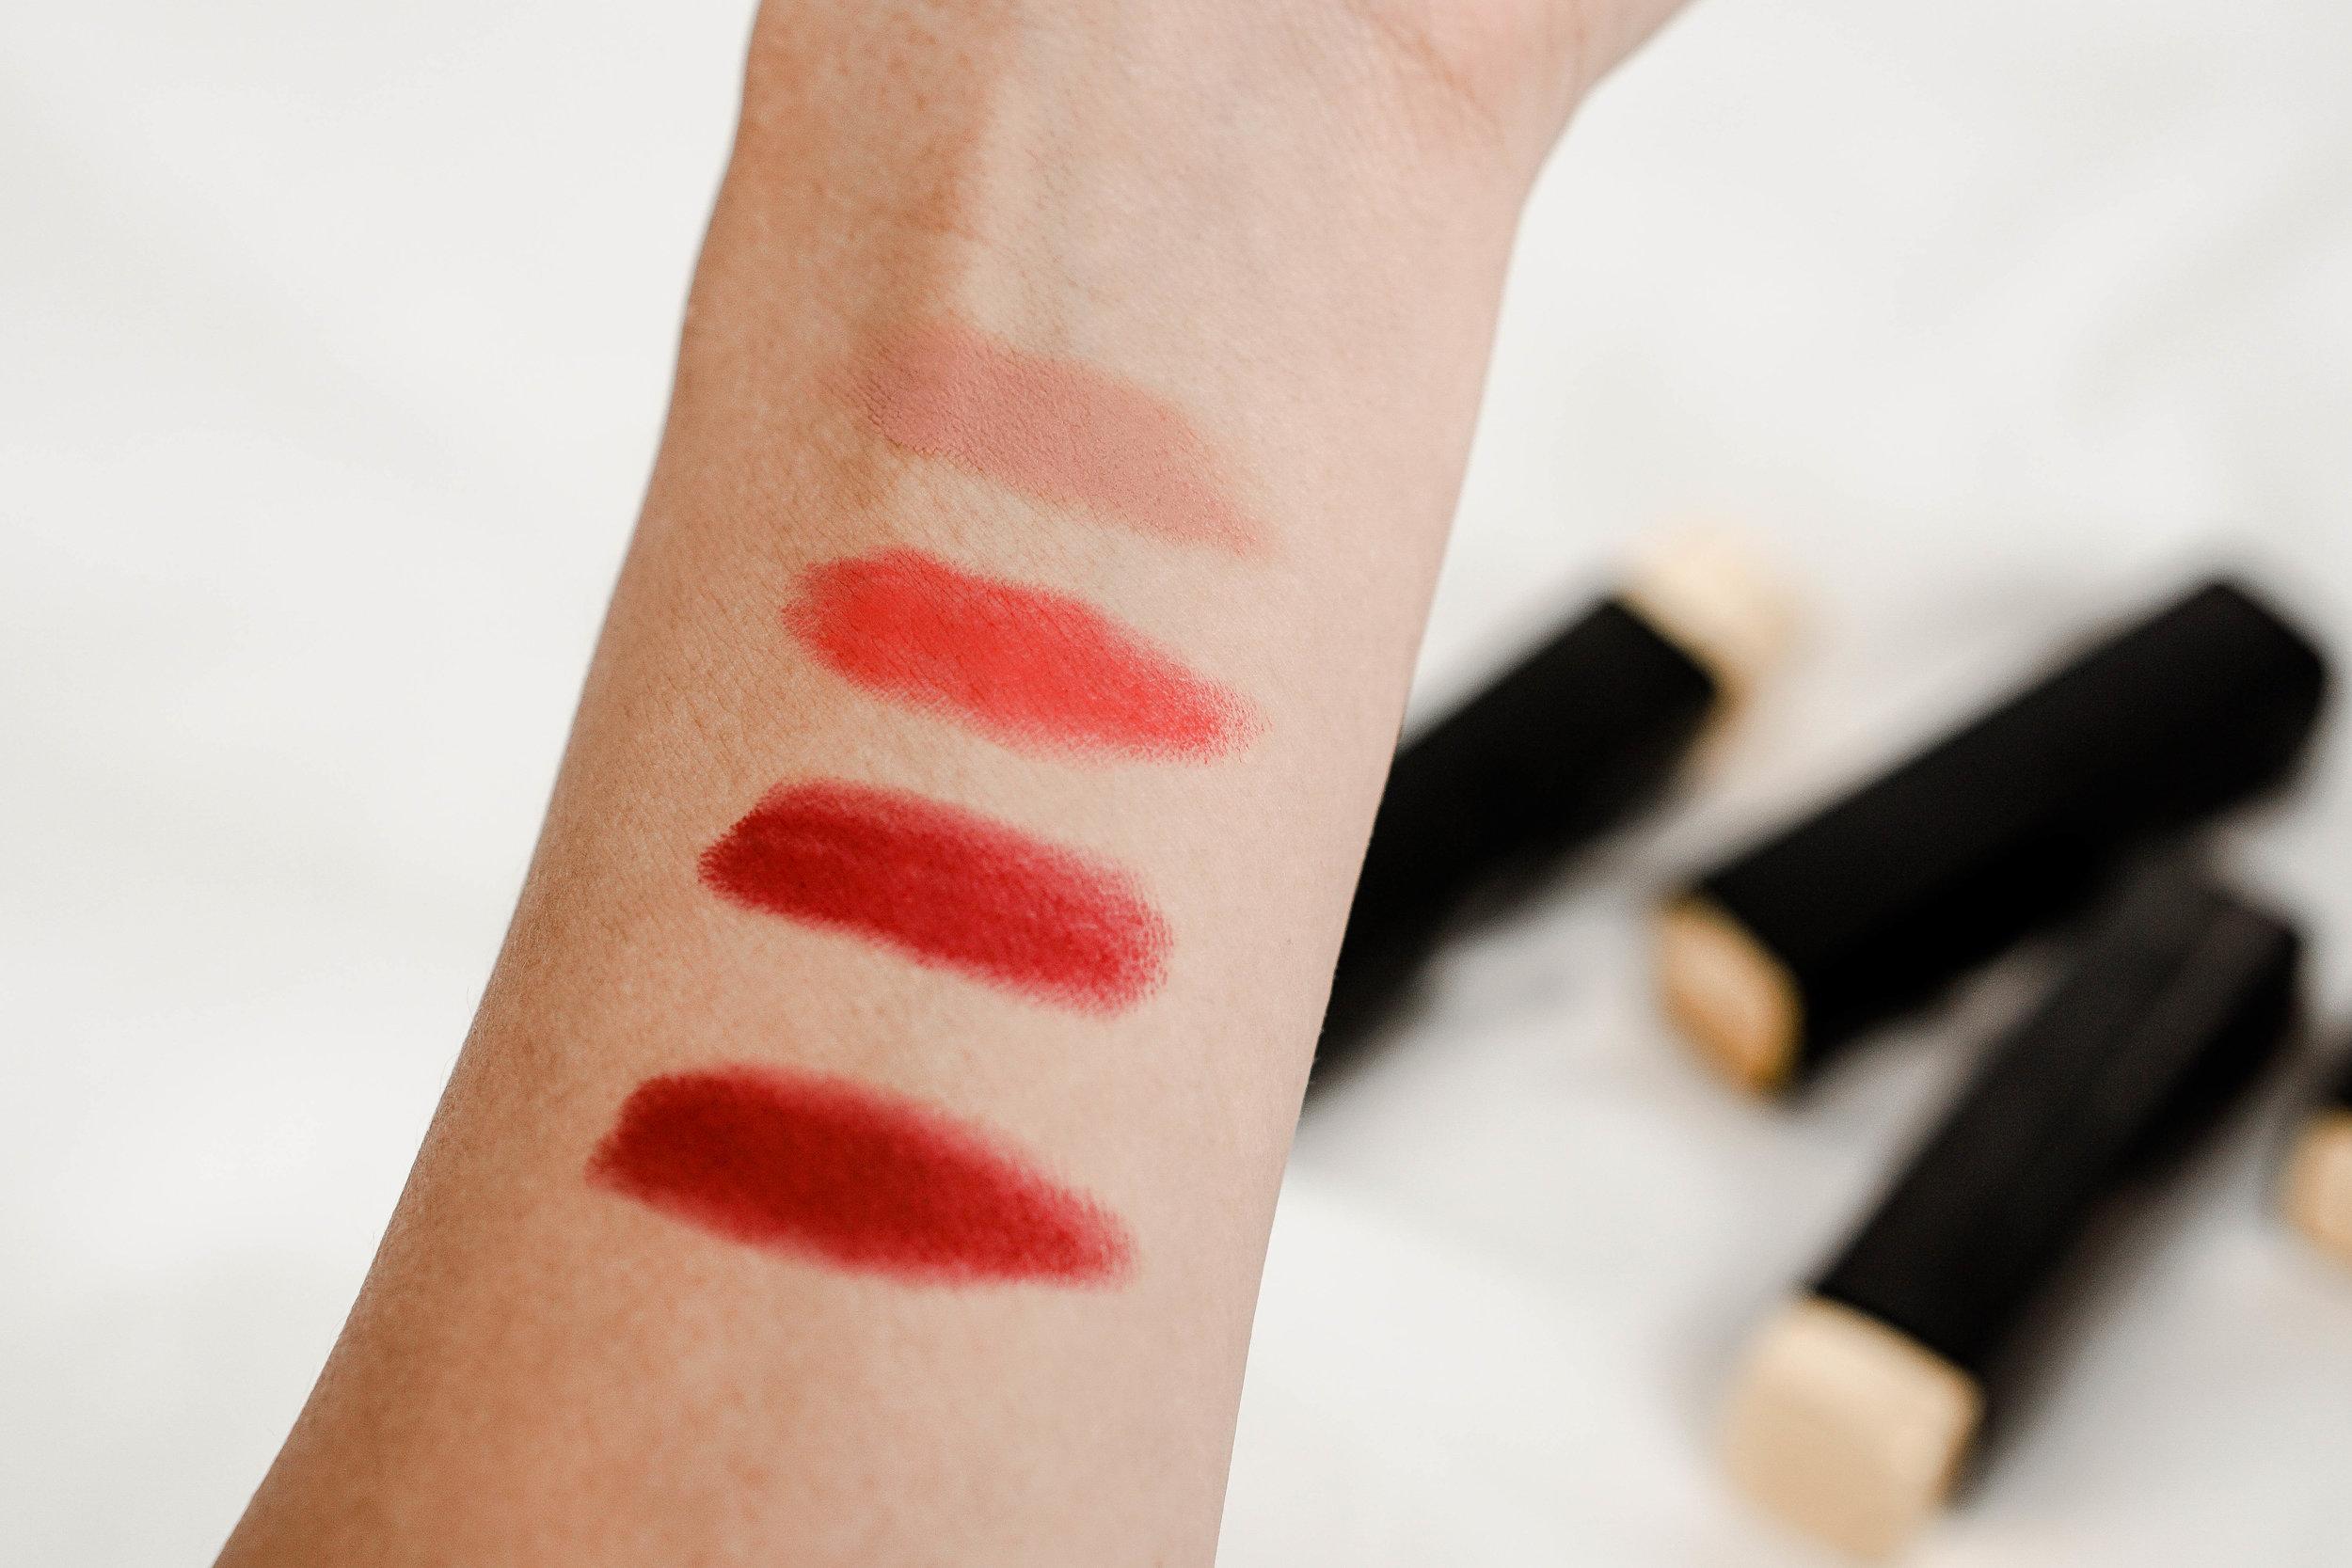 Chanel Rouge Allure Luminour Intense Lip Colours